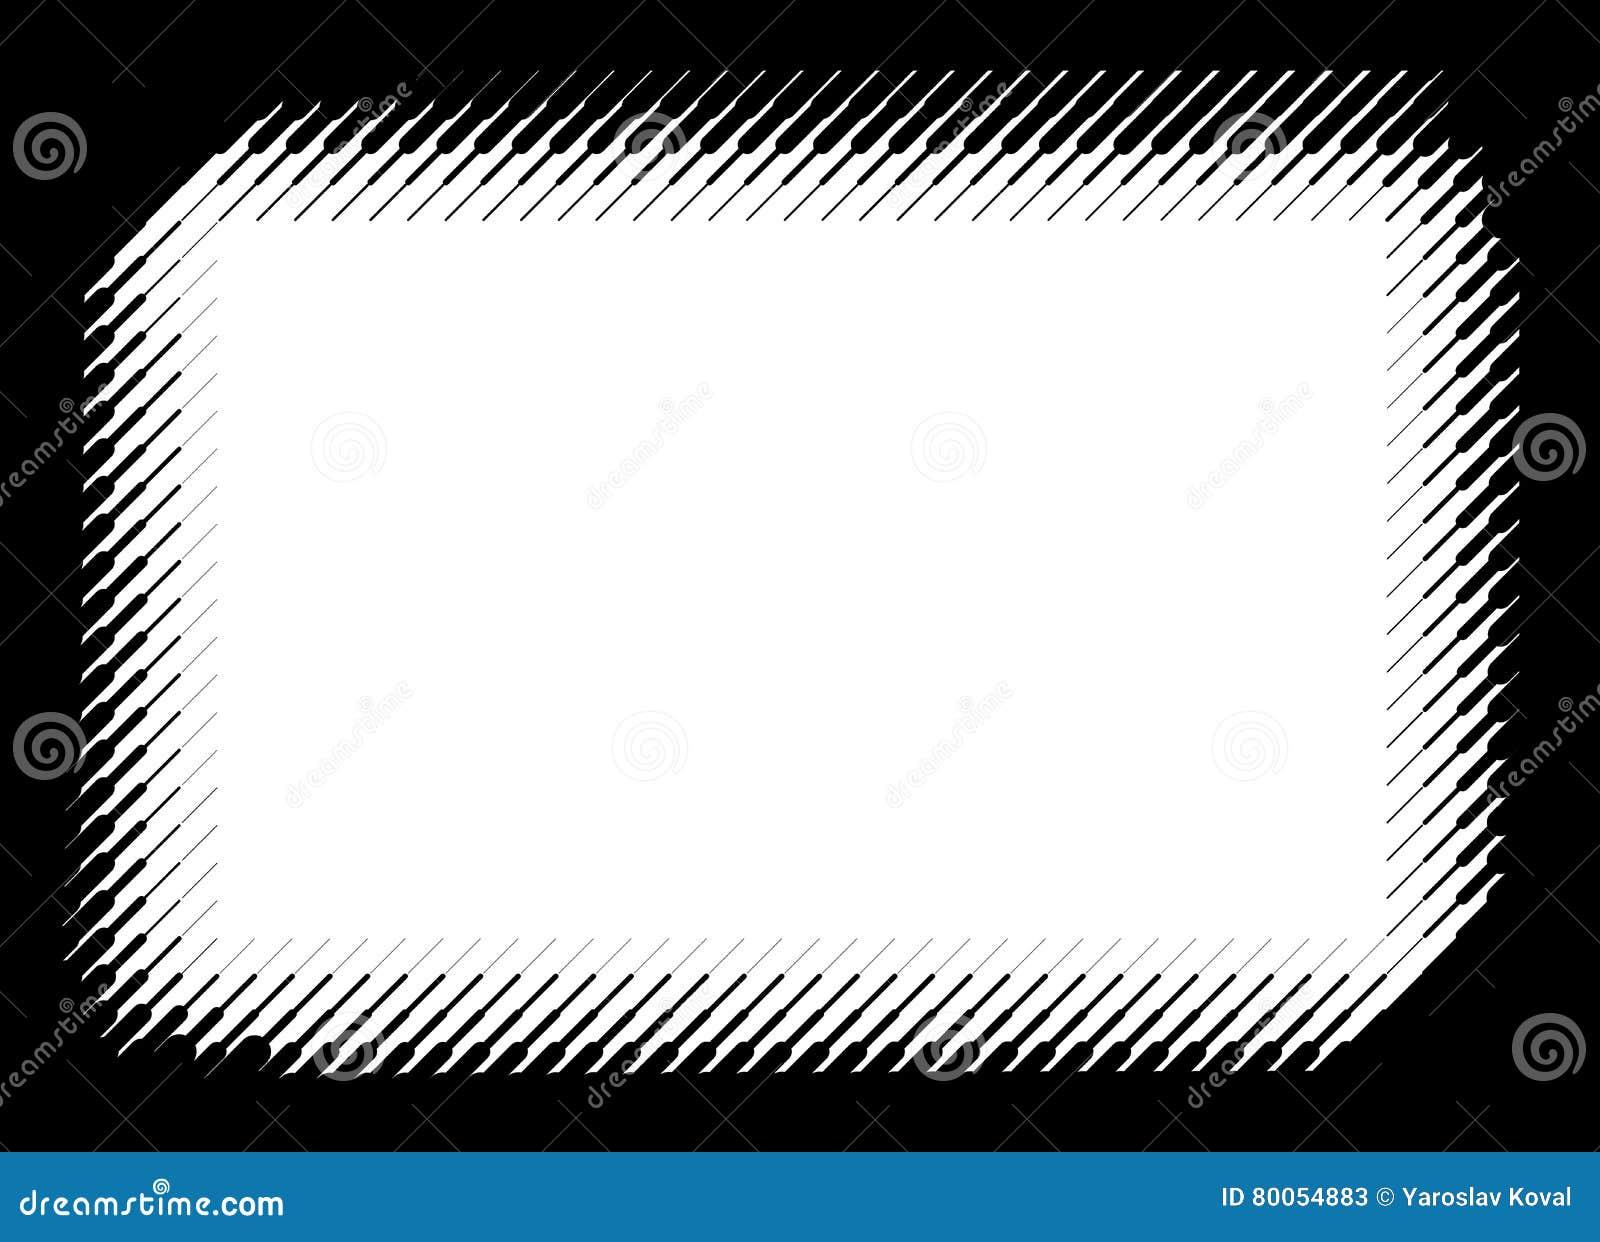 Moderner Rahmen Für Foto Durch Vektorhalbton Zeichnet Vektor ...